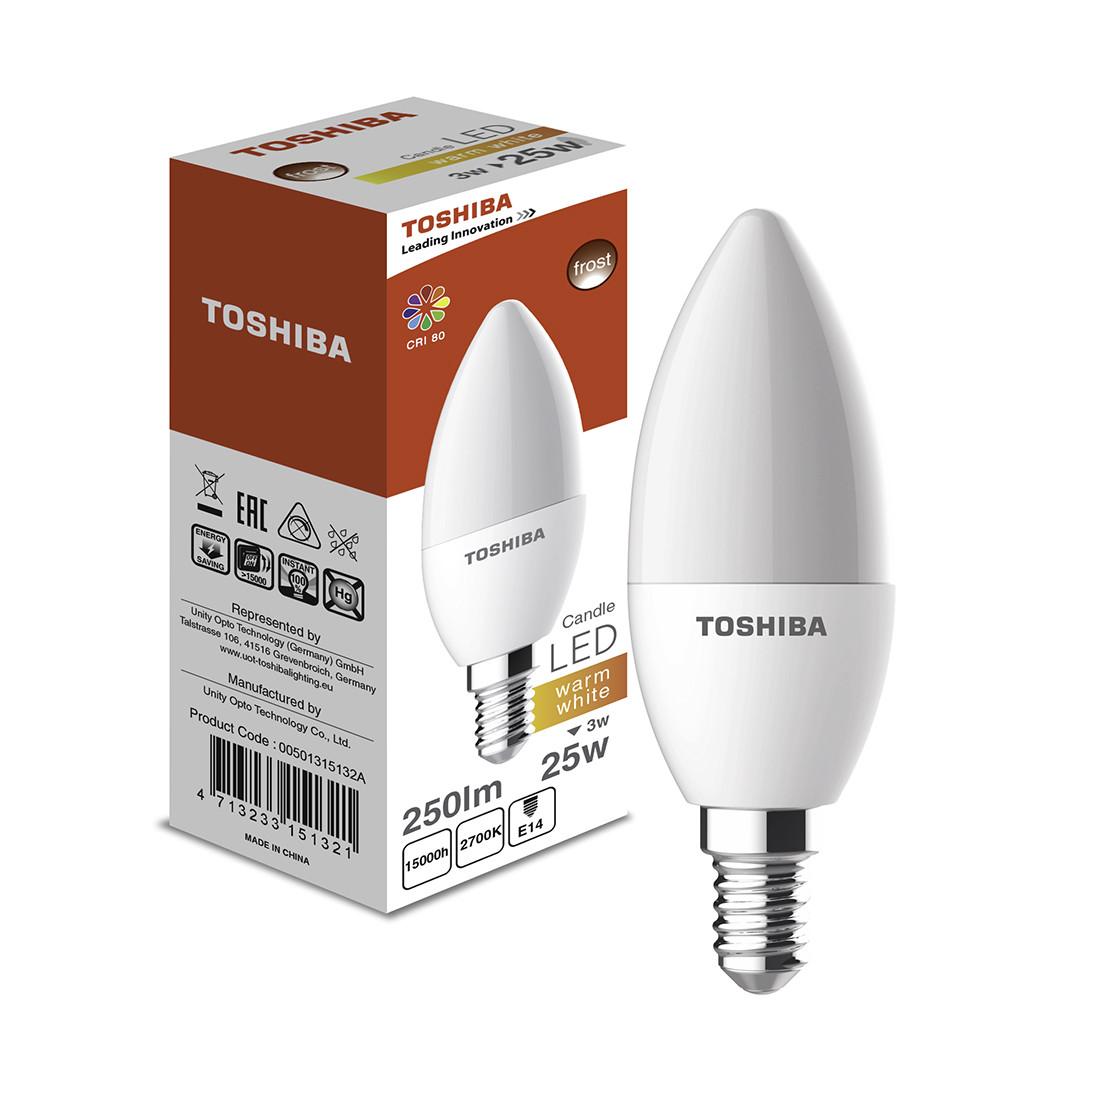 Светодиодная лампа Toshiba Froste 3W (25W) 2700K 250lm E14 ND Тёплый